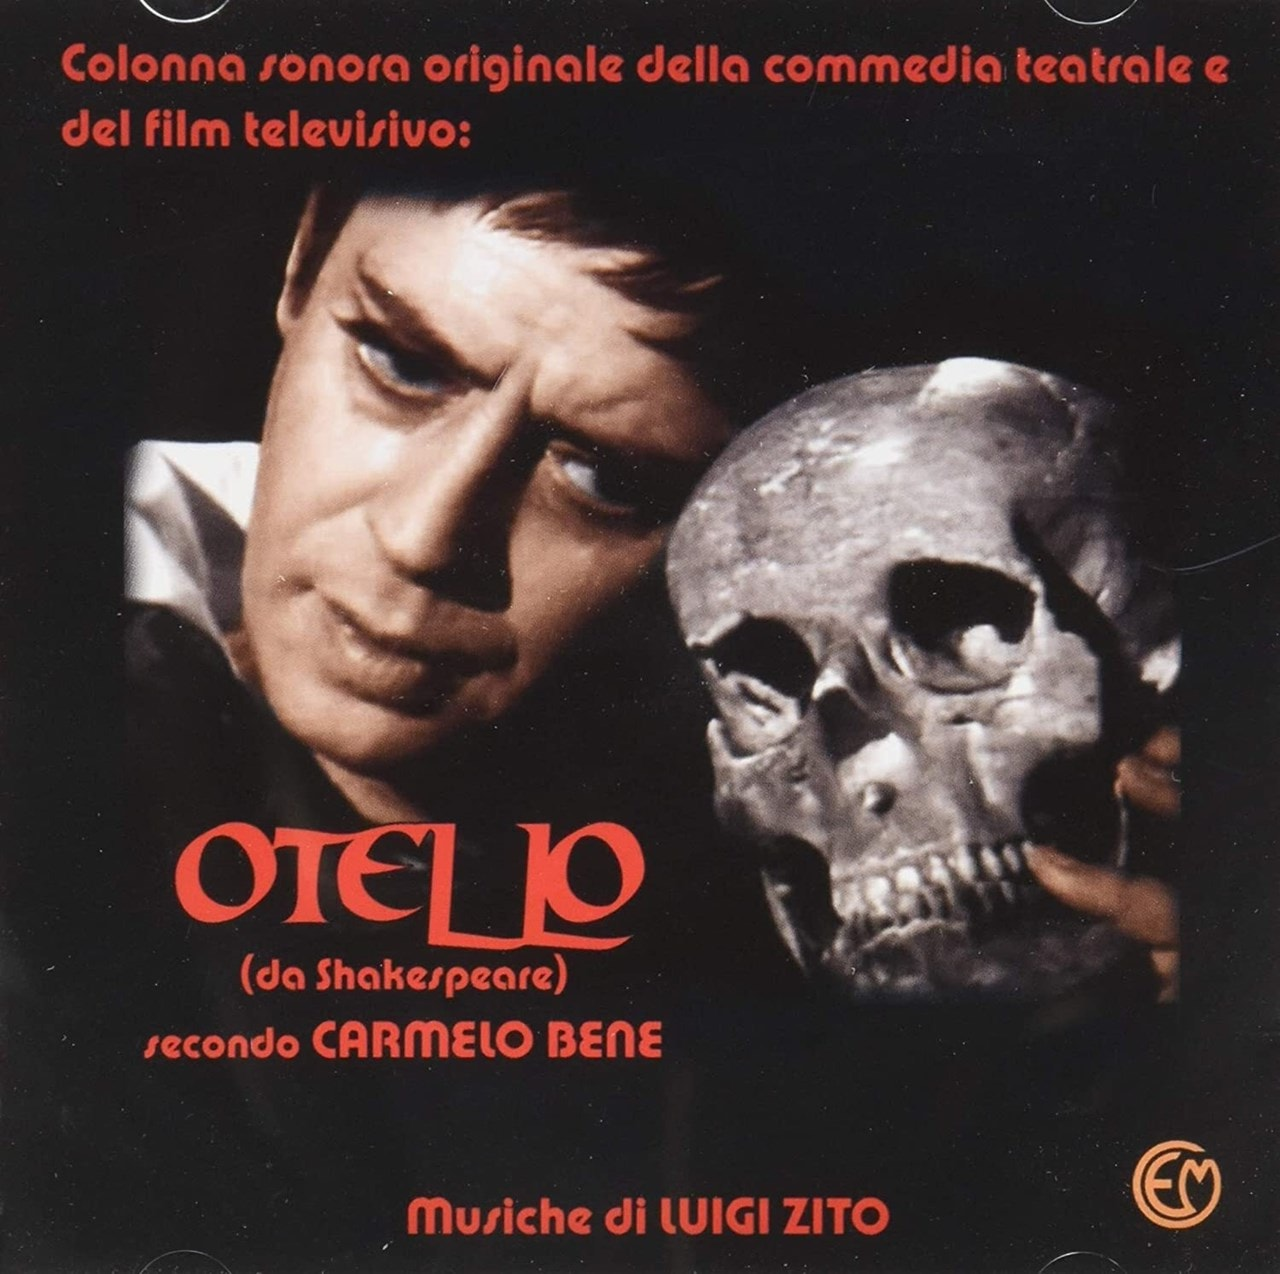 Otello Secondo Carmelo Bene - 1